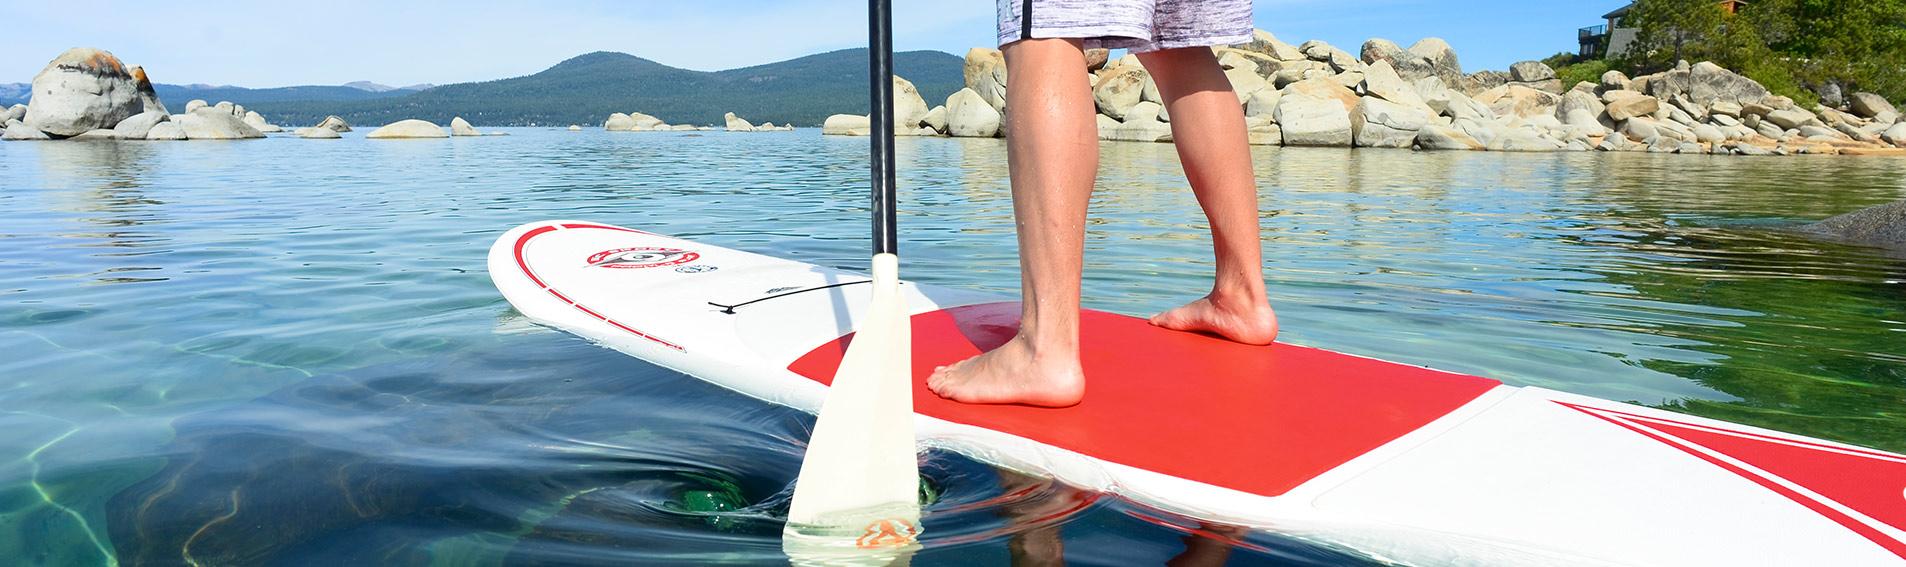 paddleboardSlide